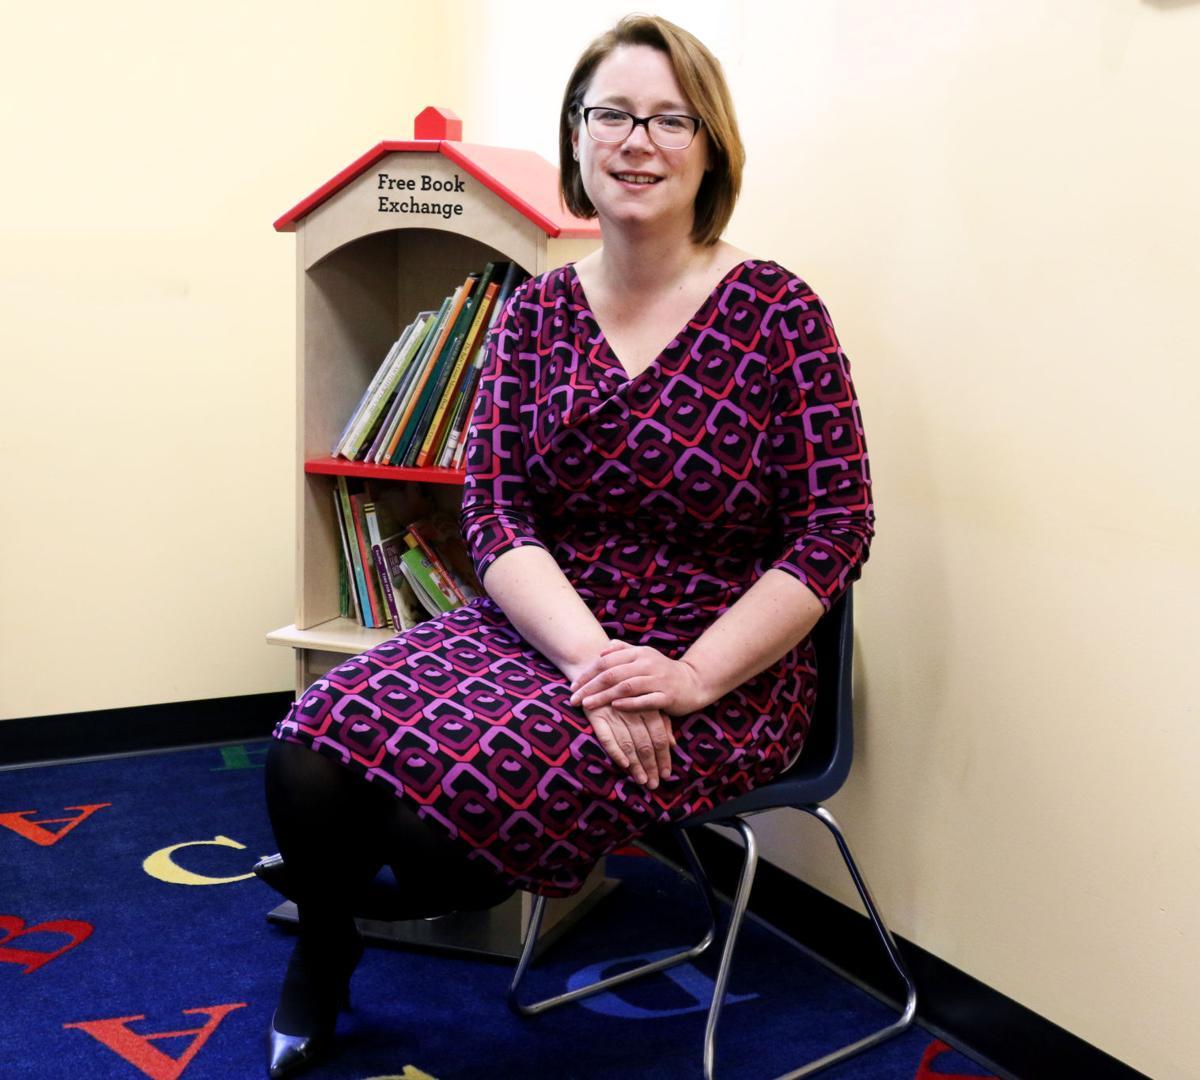 052119 EASY Chair Courtney Hawkins 93.JPG